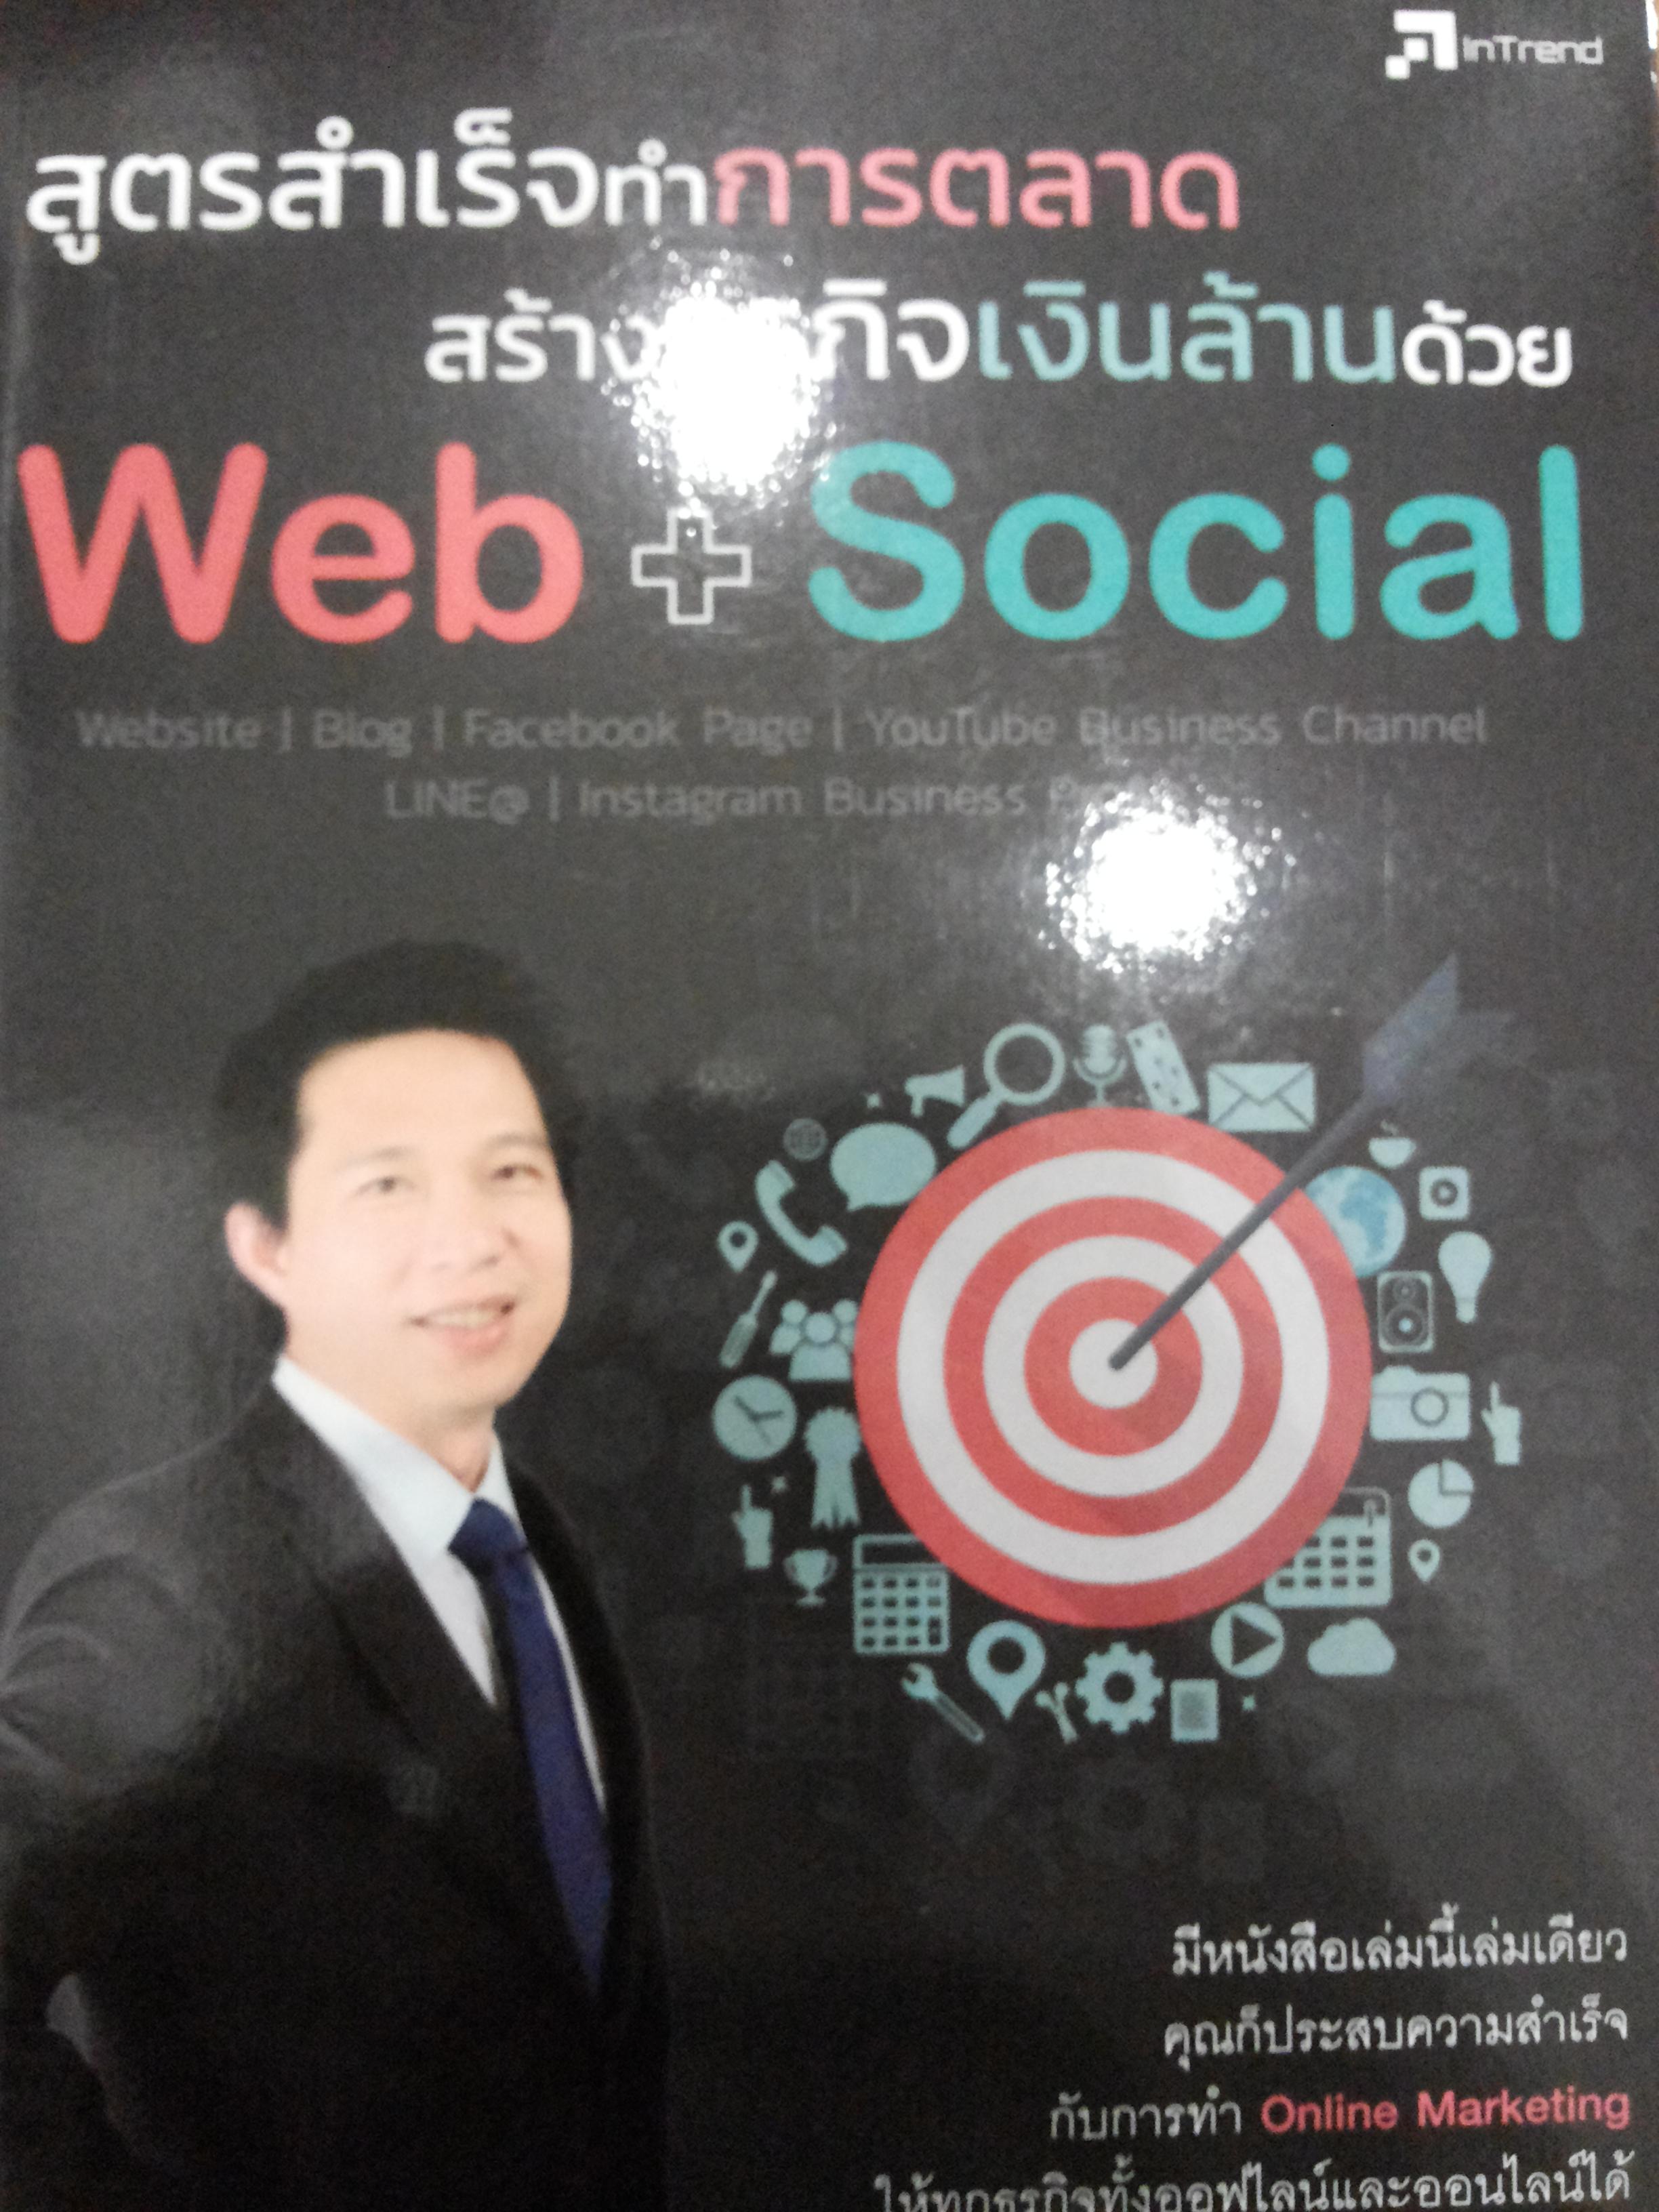 สร้างธุรกิจเงินล้านด้วย Web+Social